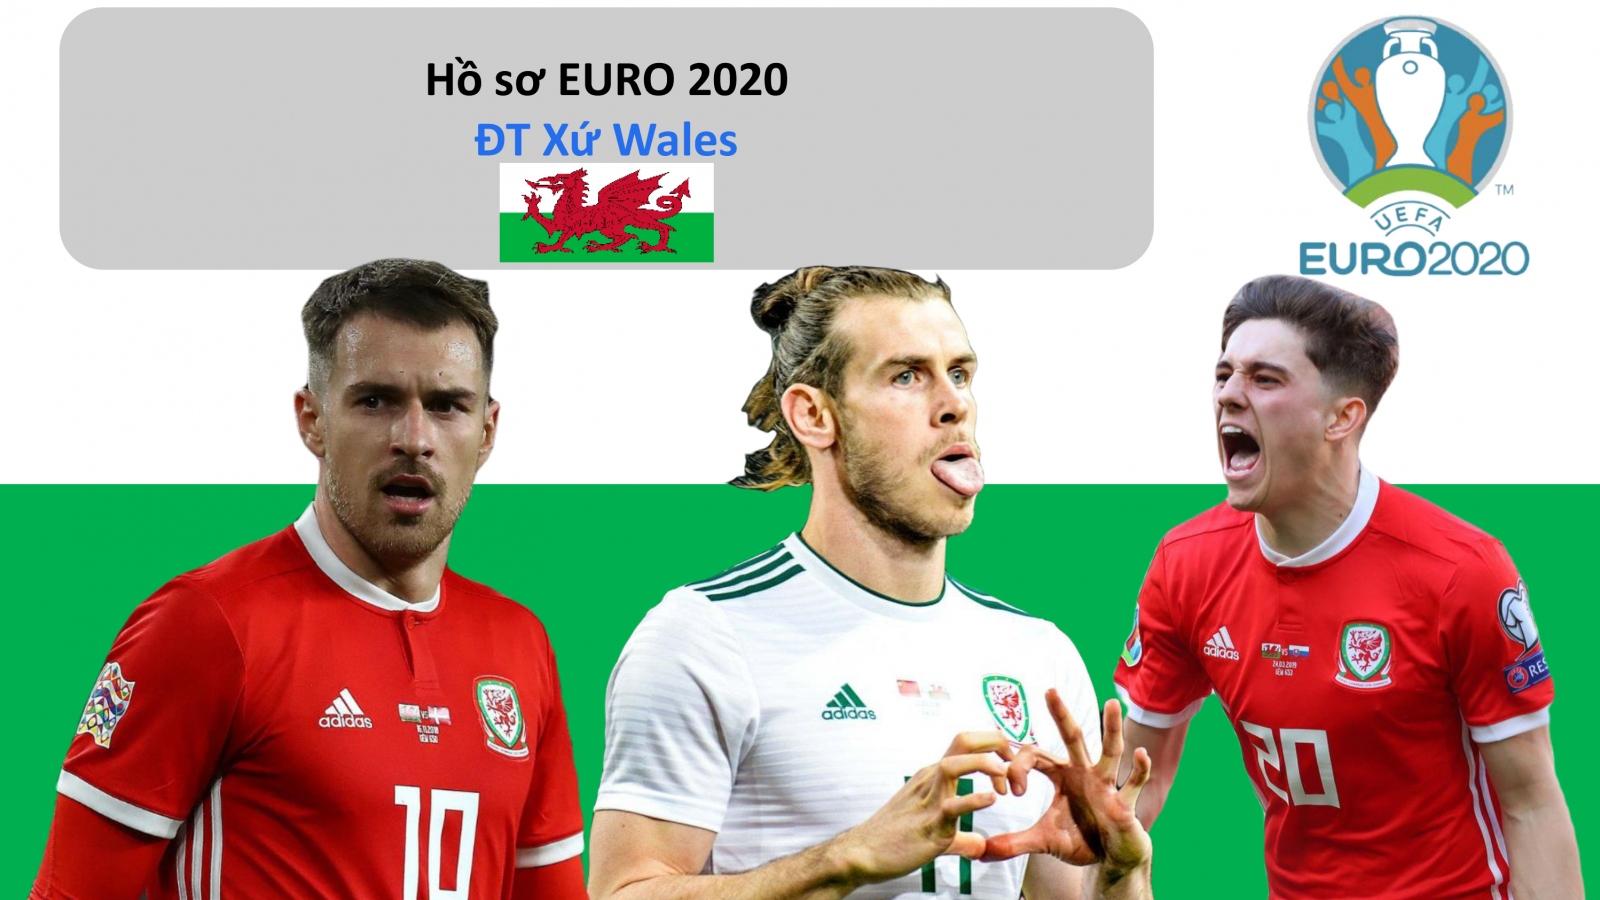 Hồ sơ các ĐT dự EURO 2020: Đội tuyển Xứ Wales